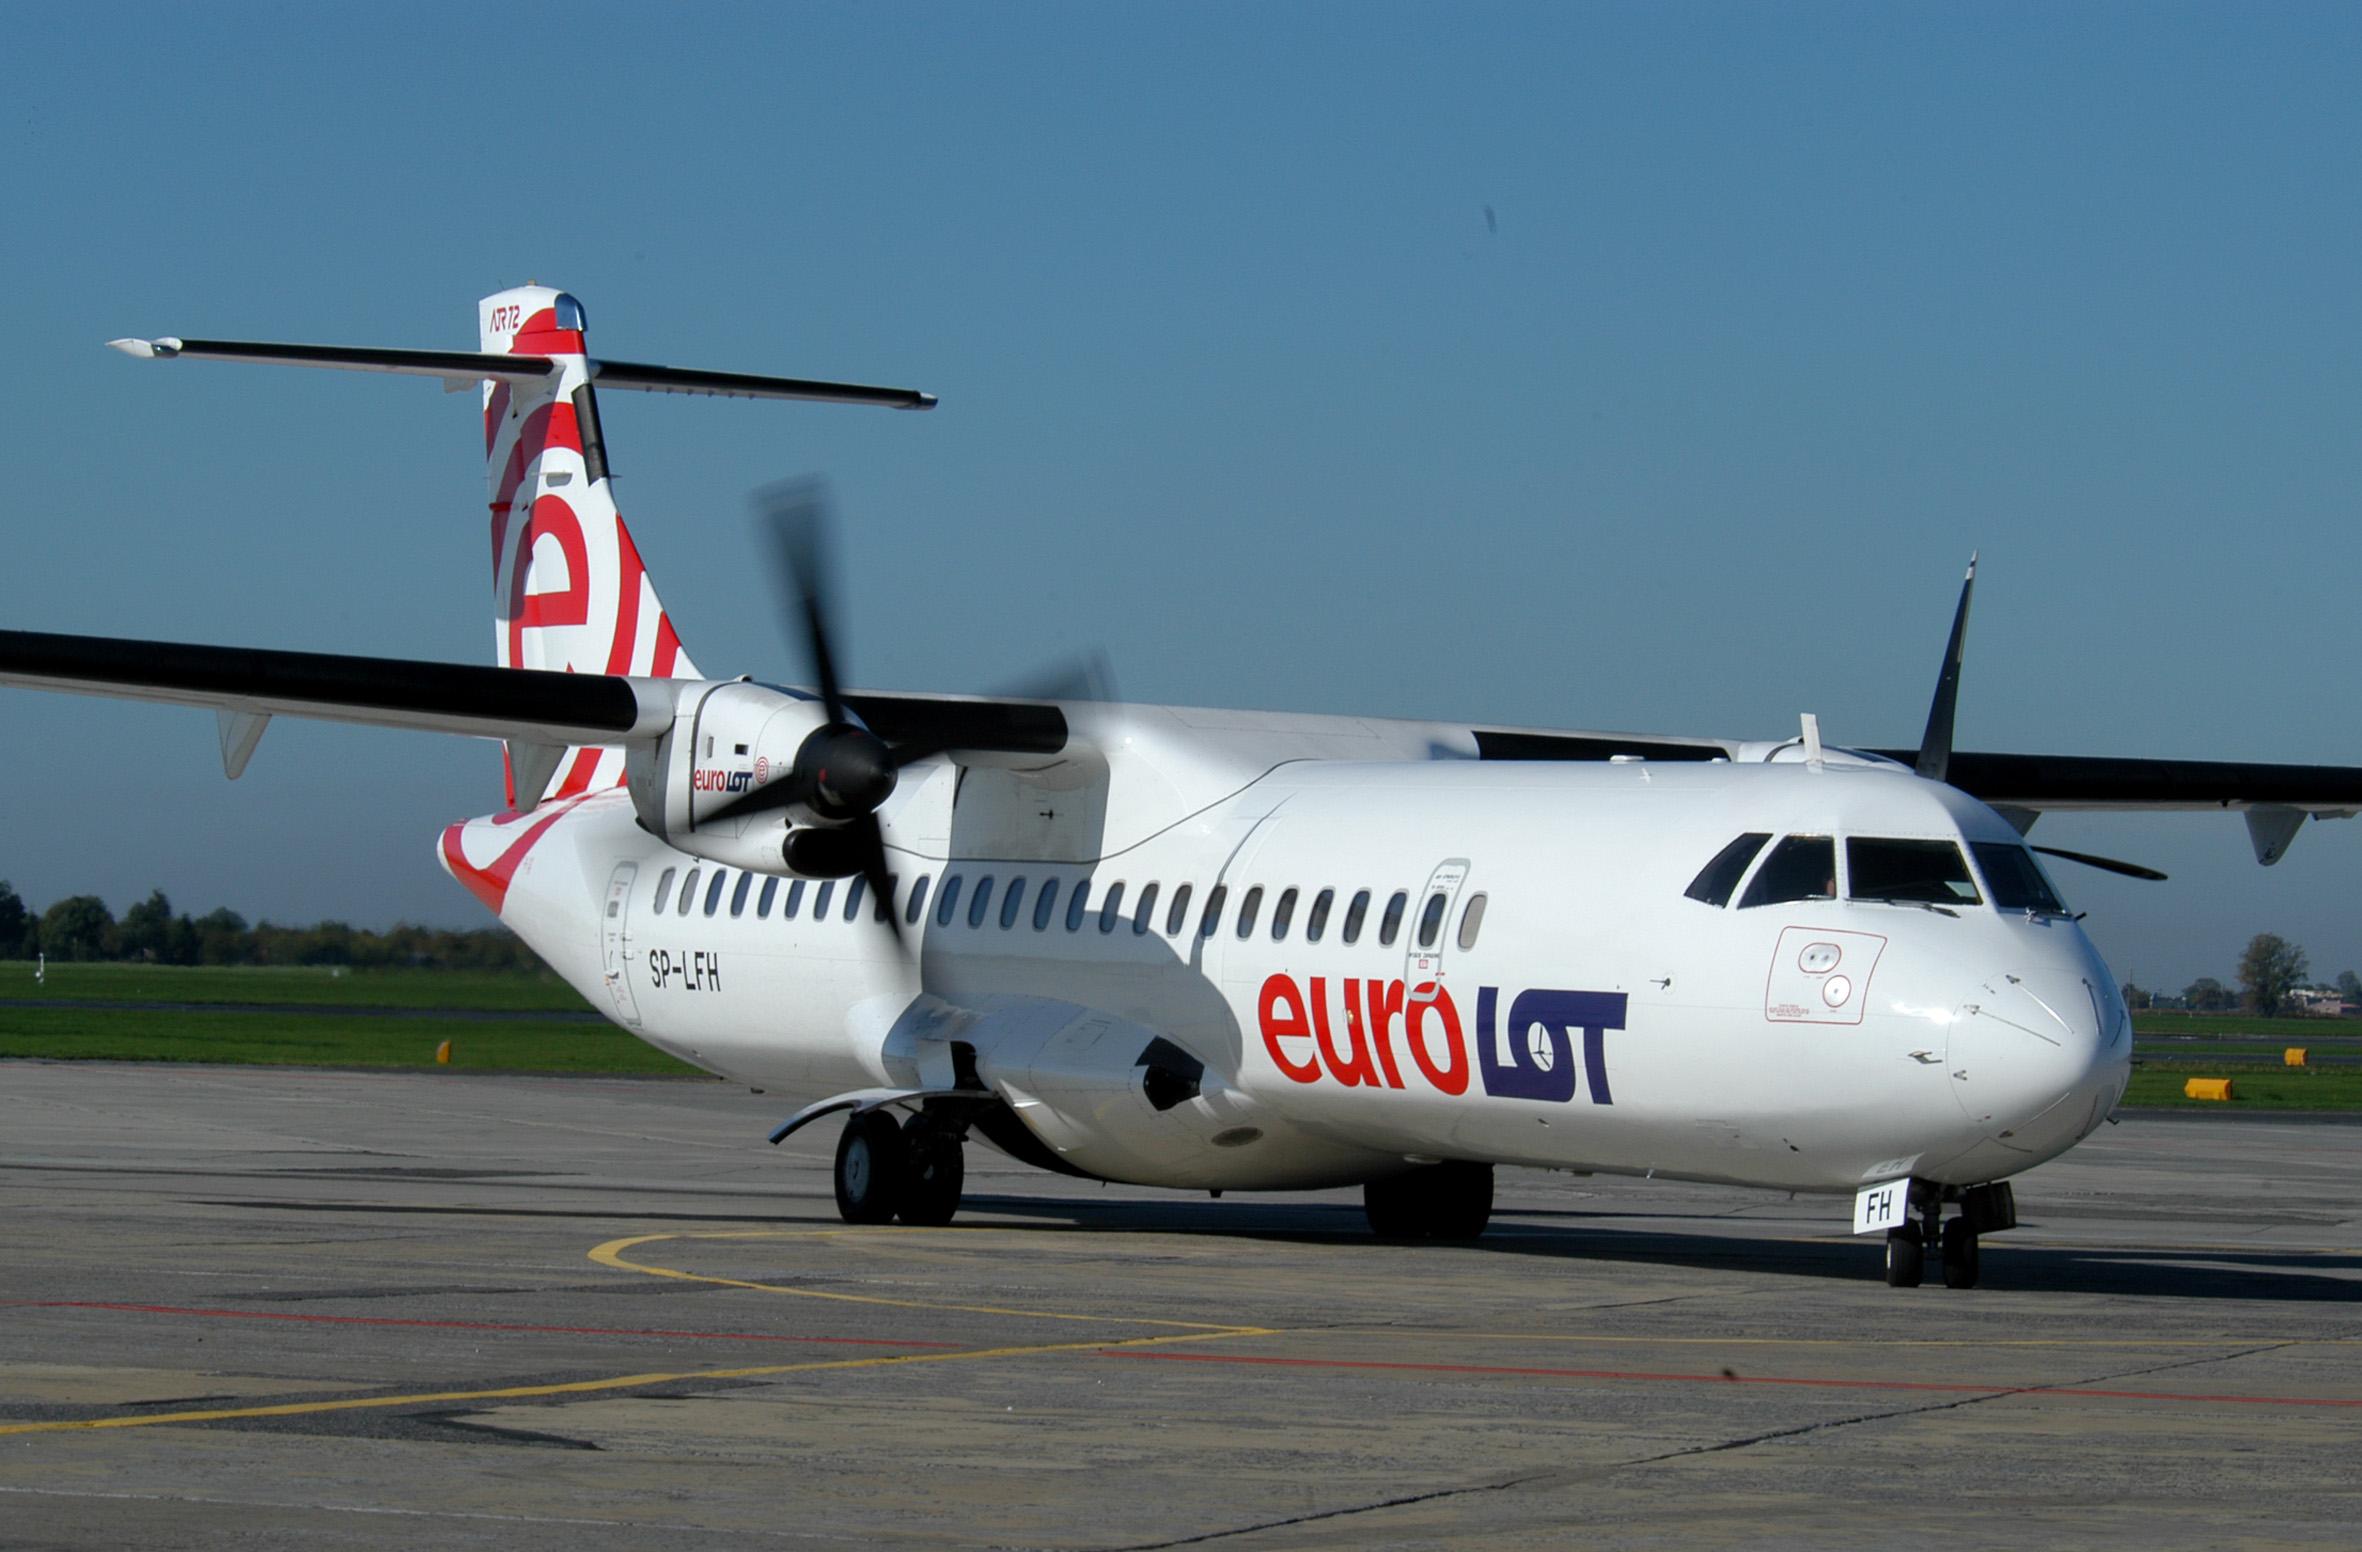 Ближнемагистральный турбовиновой самолет ATR 72. Фото: tutavia.ru.